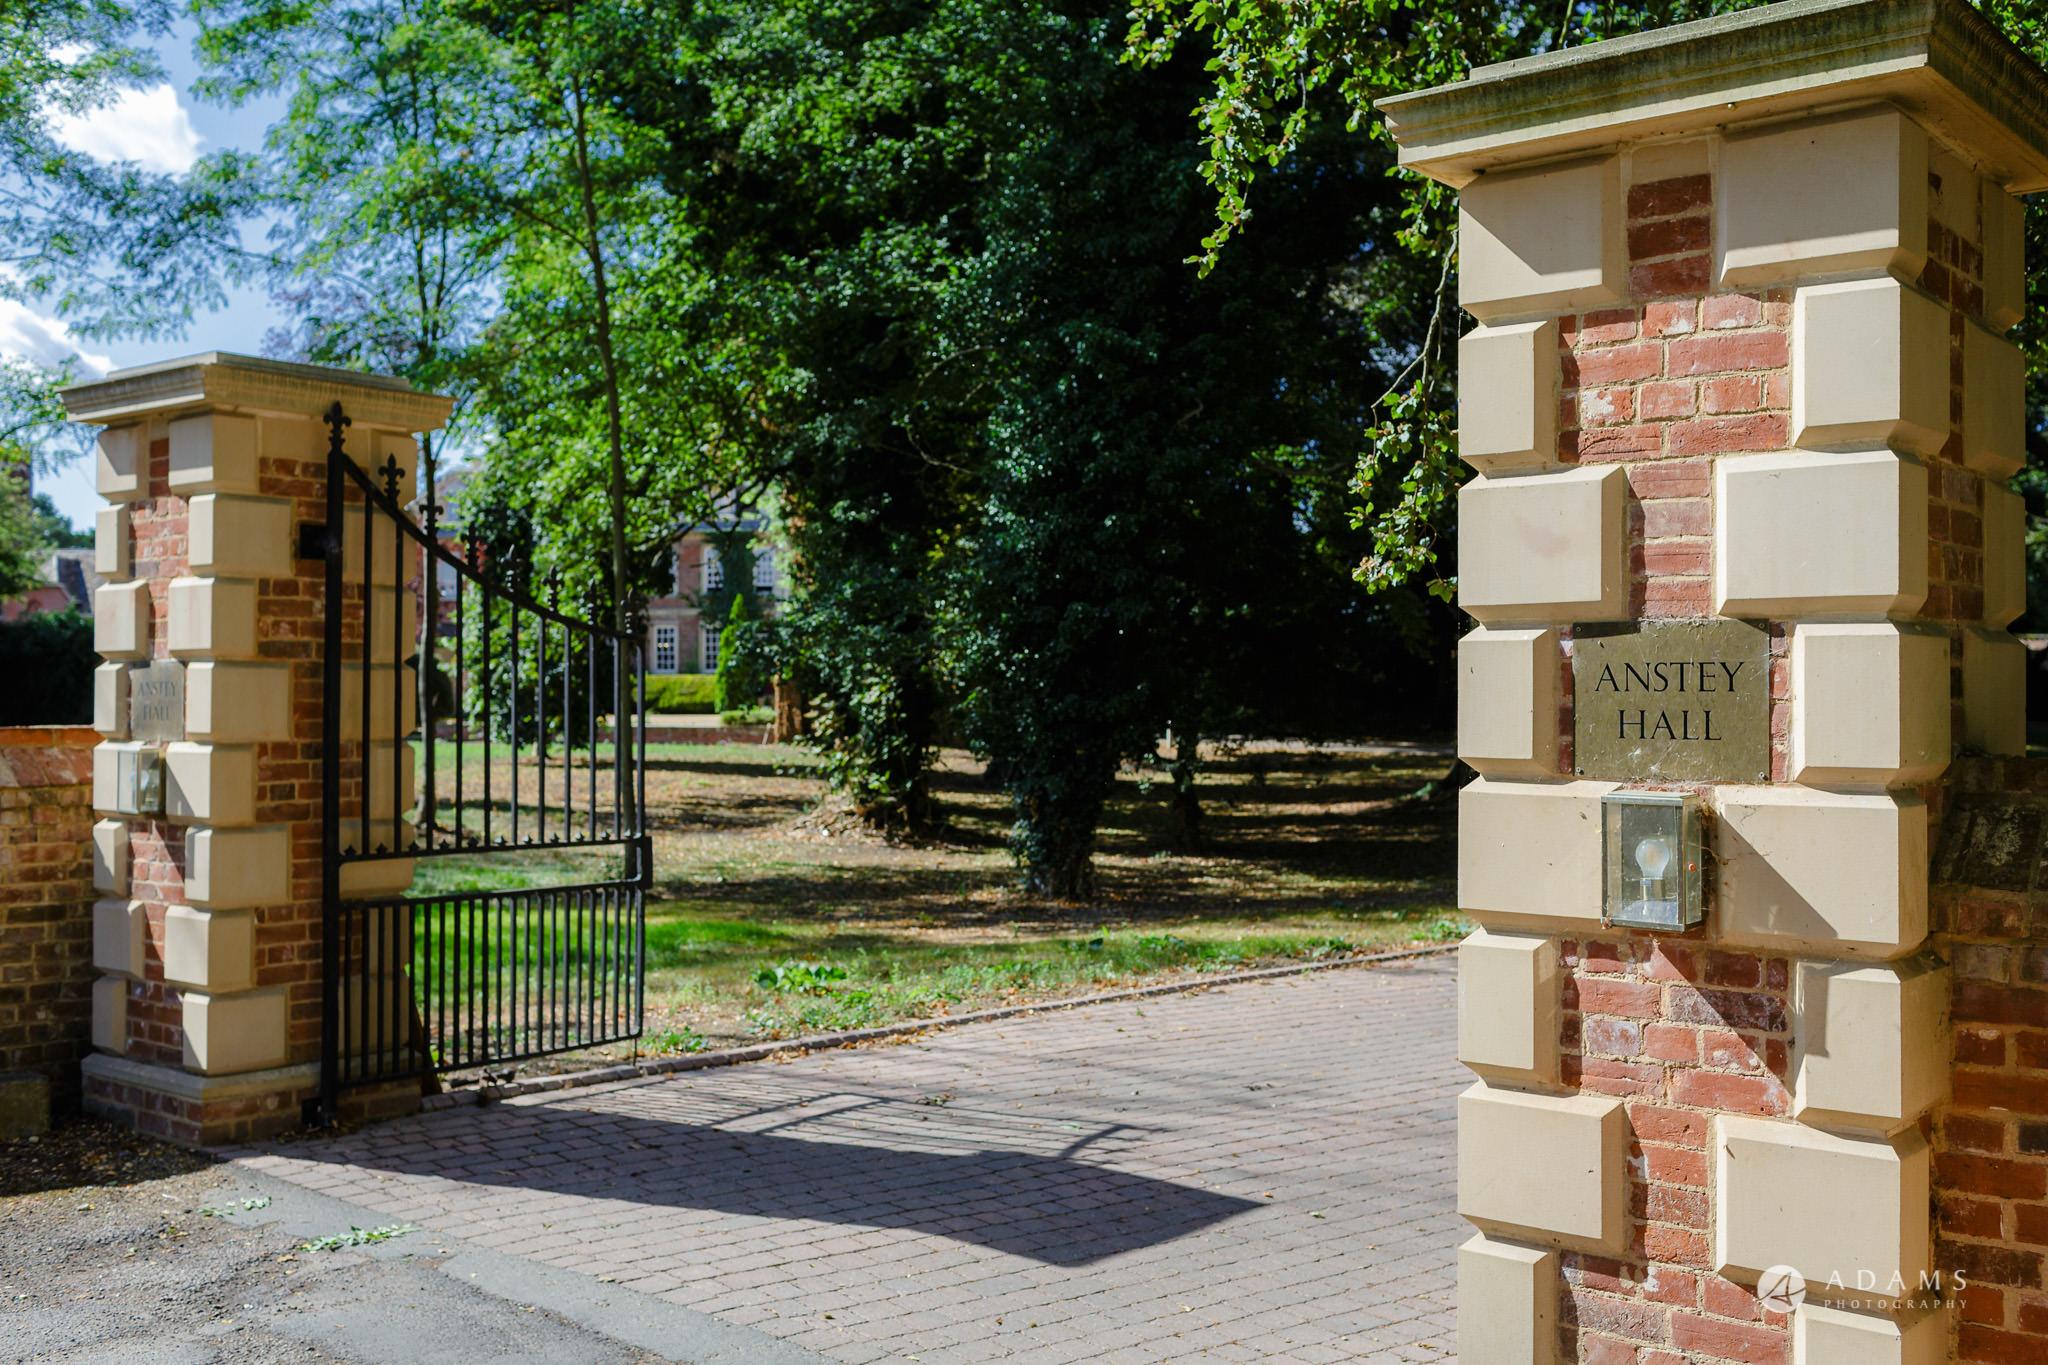 Trinity College Cambridge wedding venue entrance